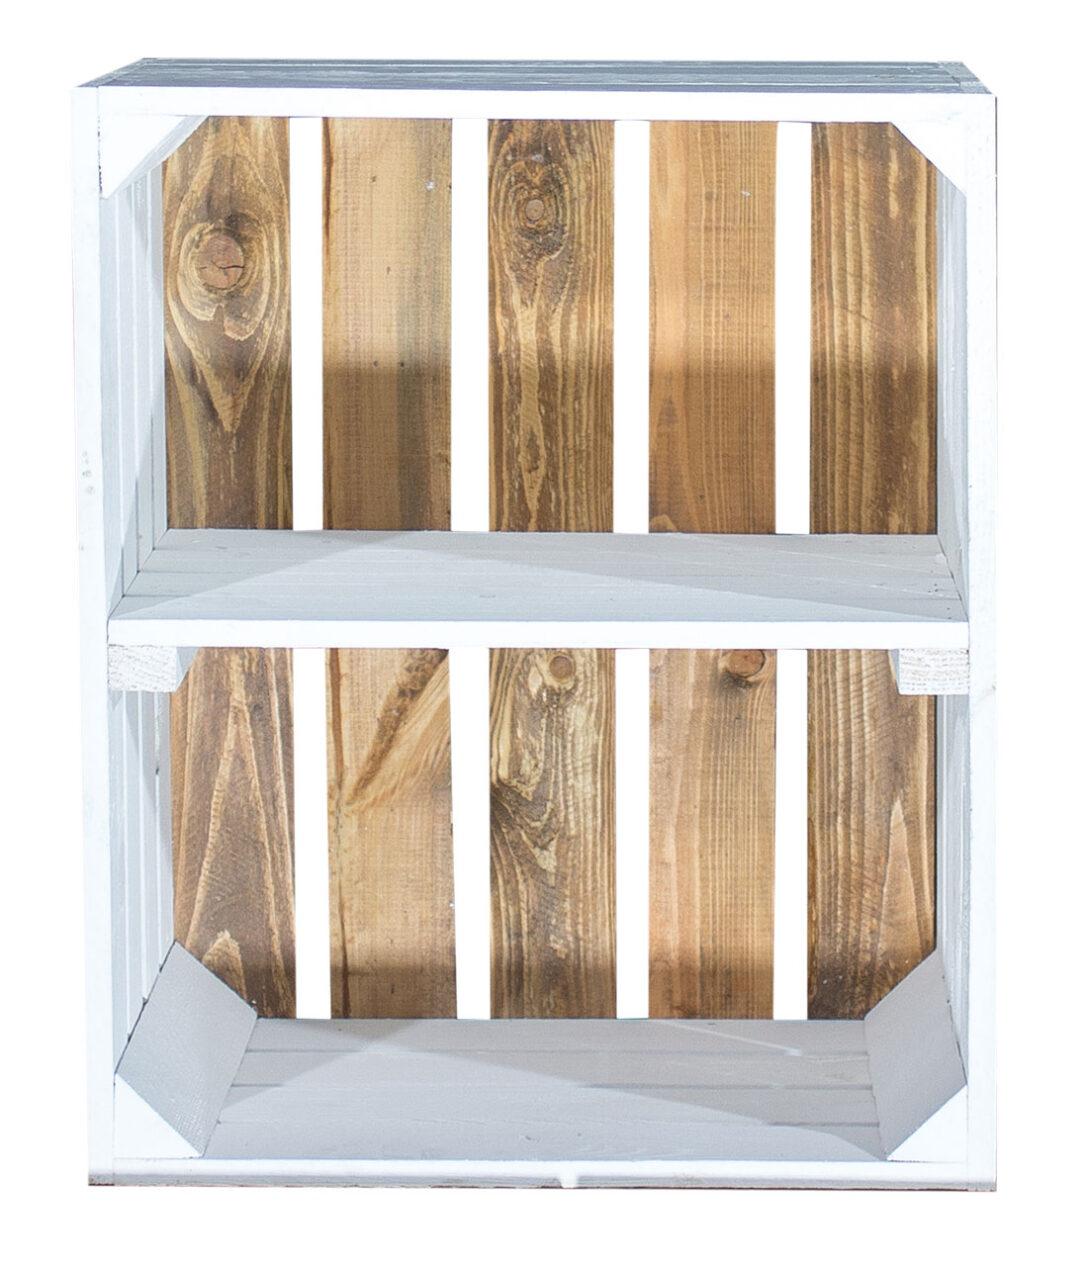 Full Size of Regal Aus Holzkisten Selber Bauen Kisten System Ikea Holz Badezimmer Kernbuche String Pocket Paletten Obstkisten Schreibtisch Kleines Weiß Nussbaum Fächer Regal Regal Kisten